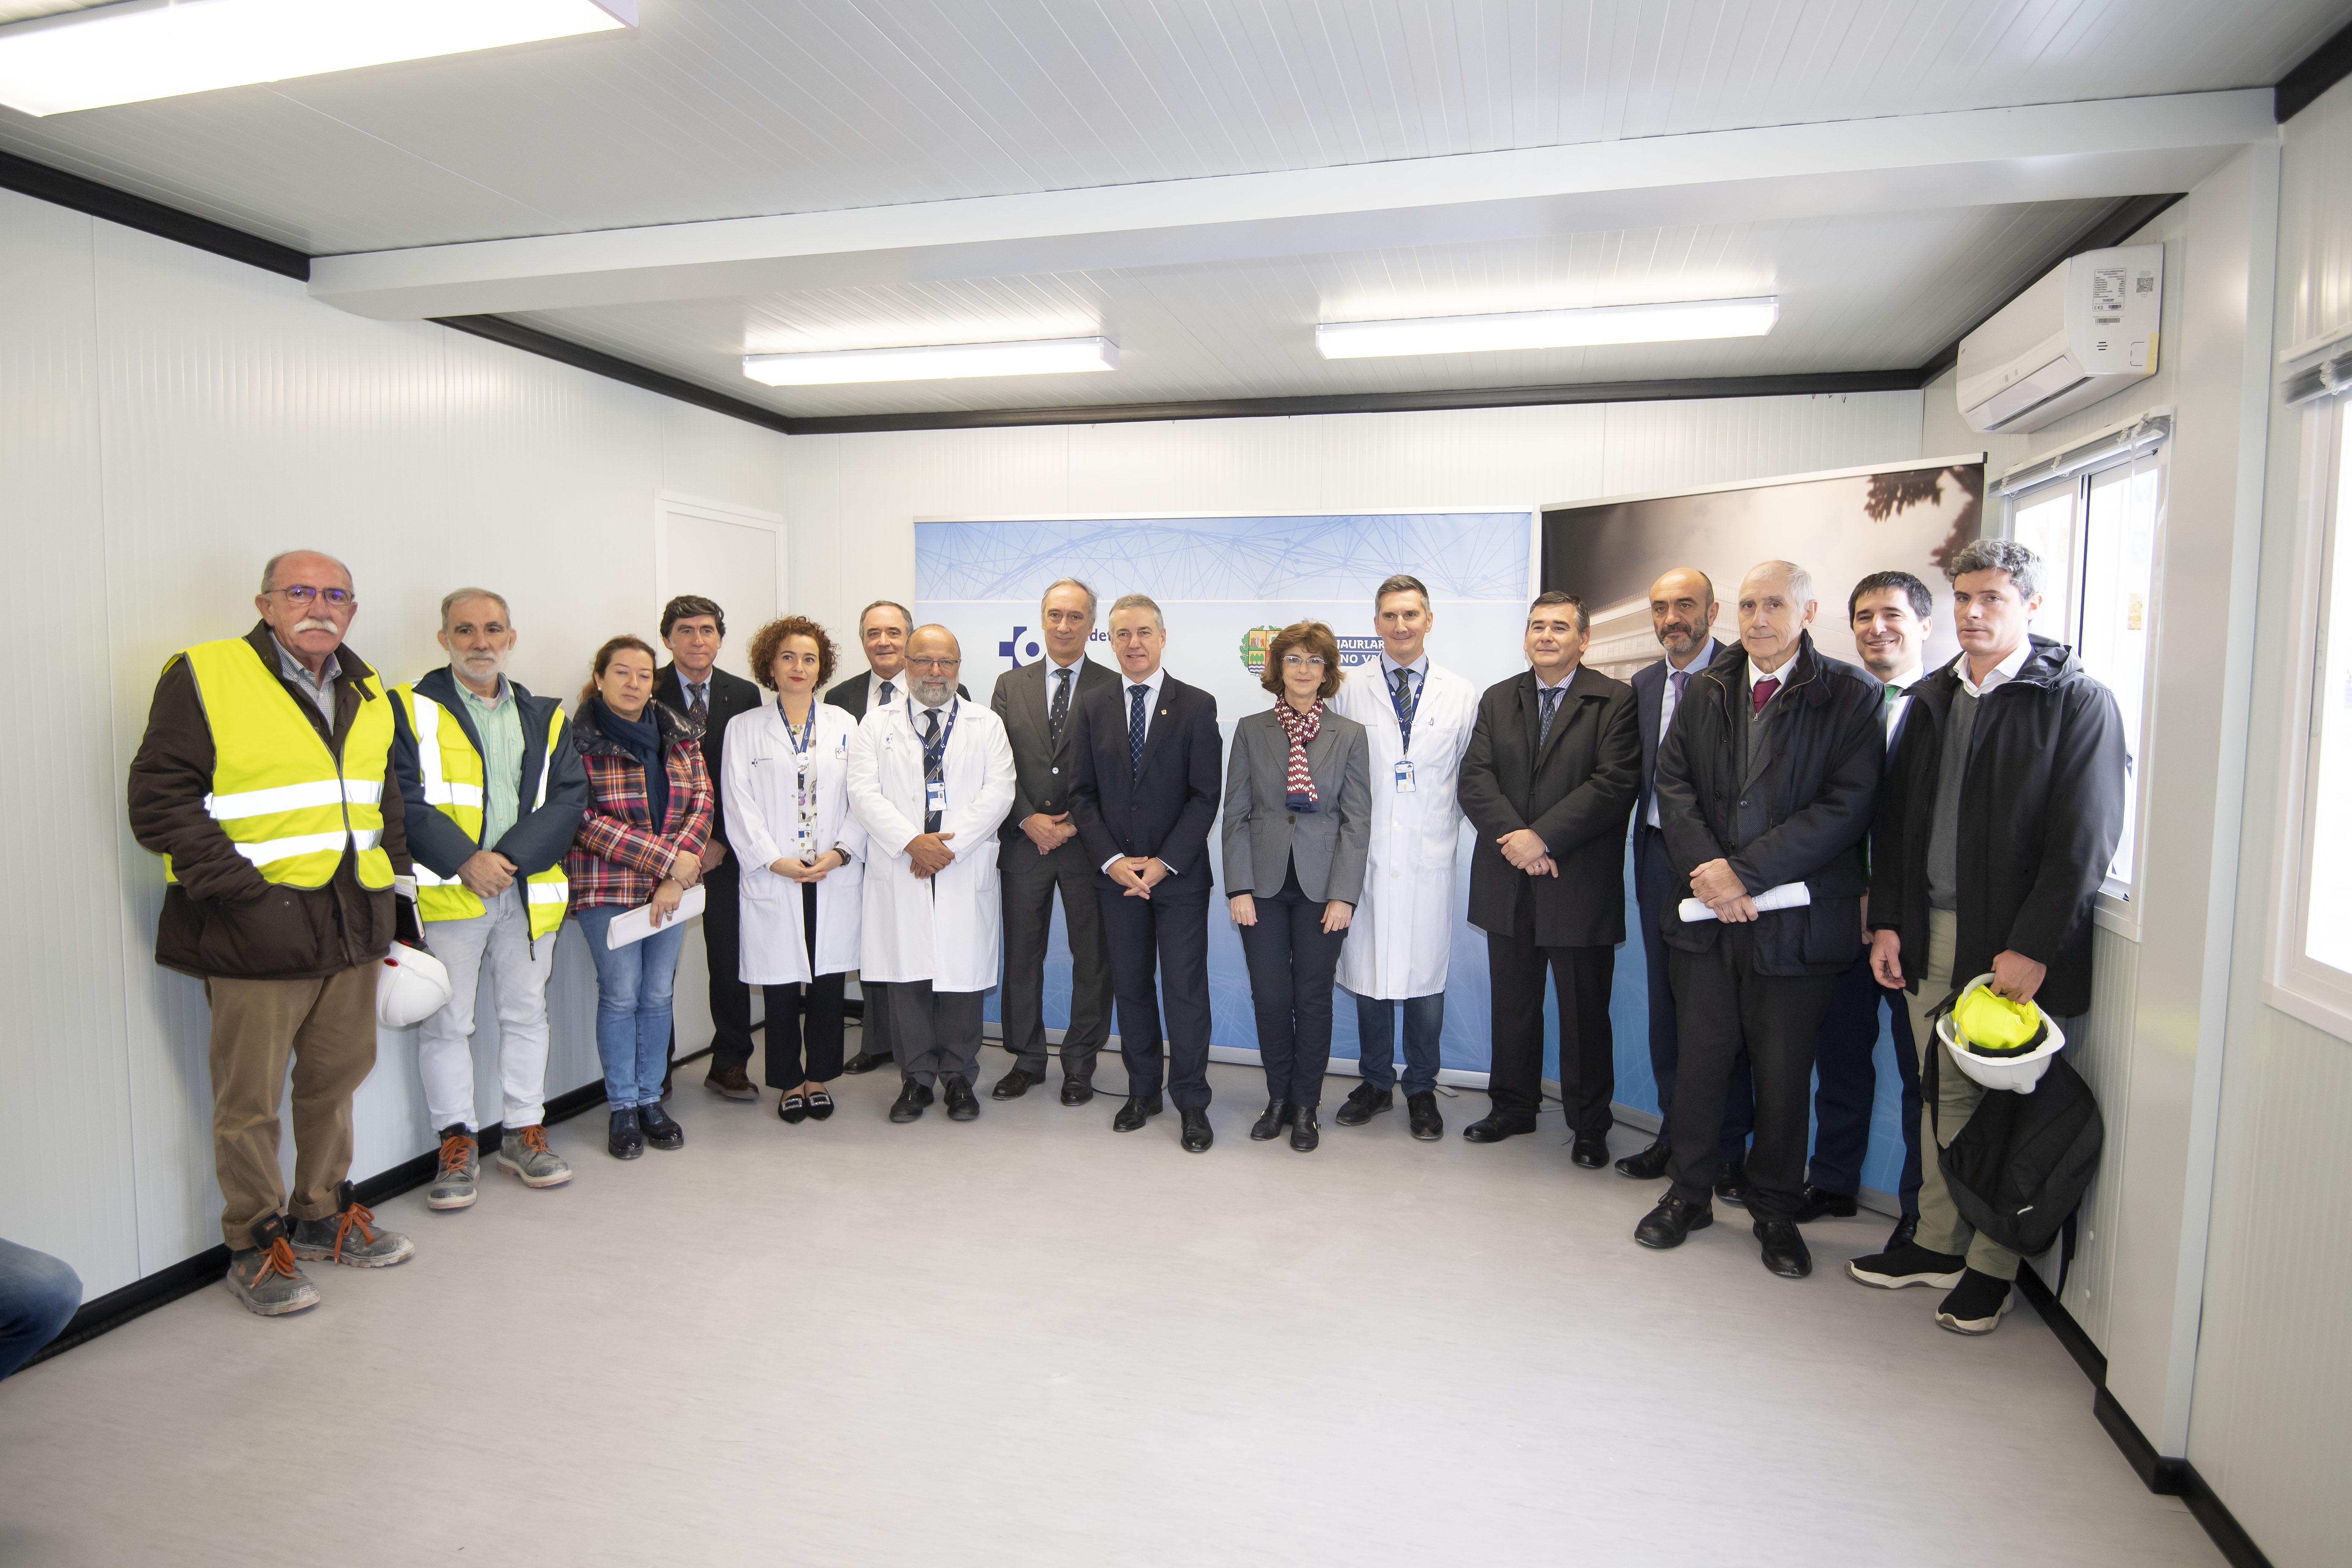 2019_11_27_lhk_hospital_araba_10.jpg